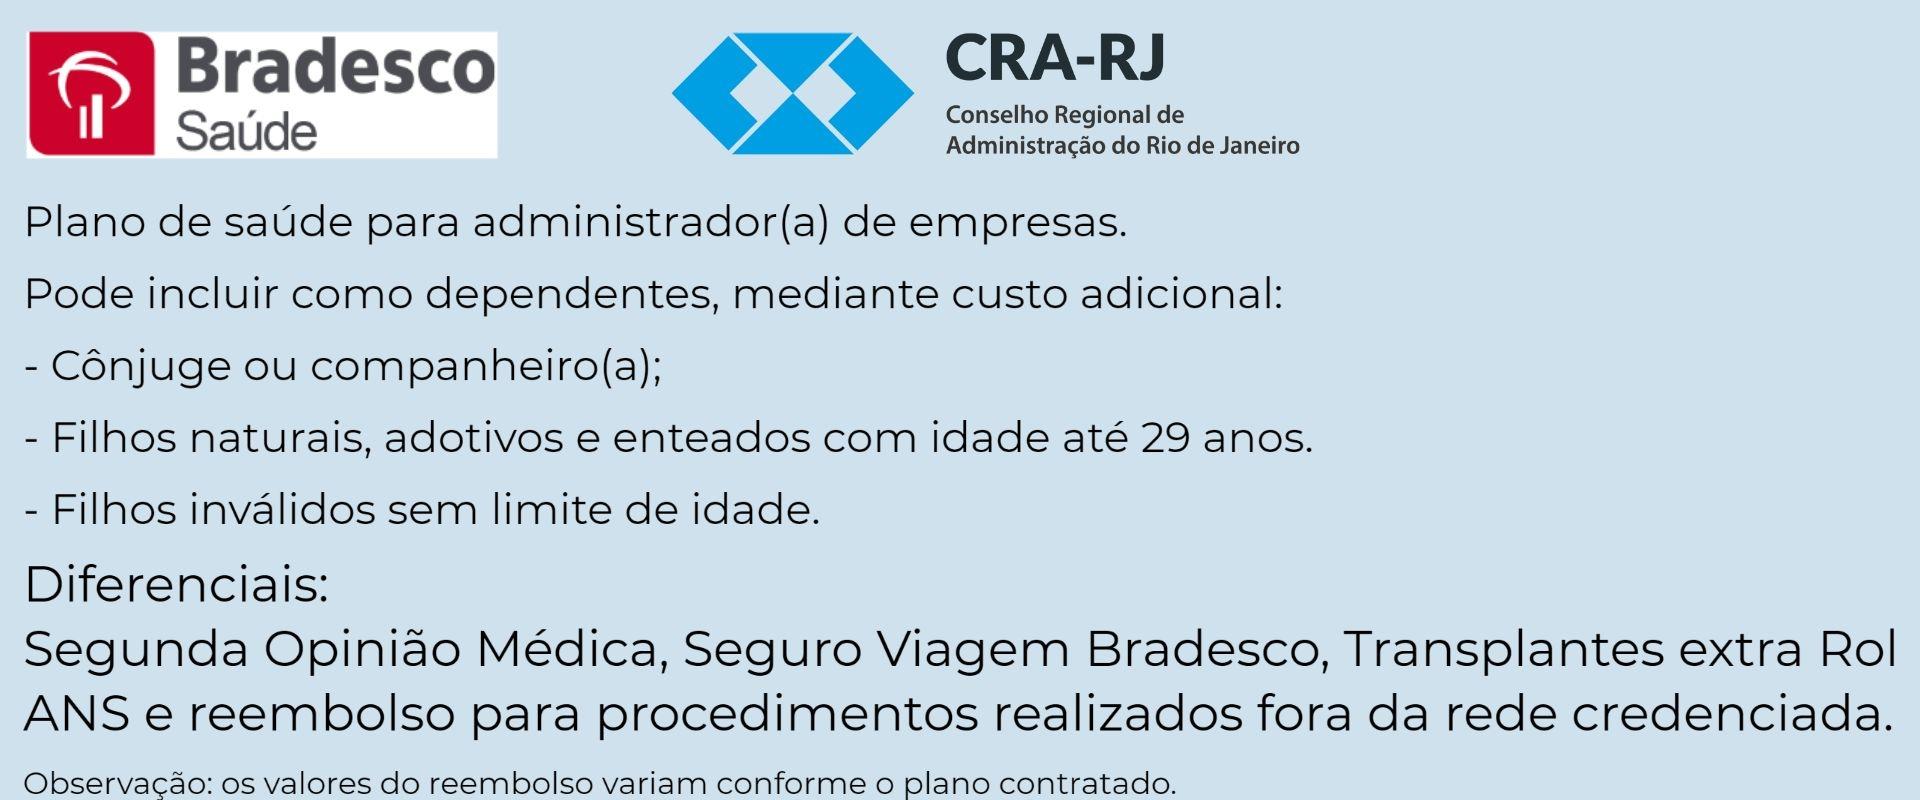 Bradesco Saúde CRA-RJ